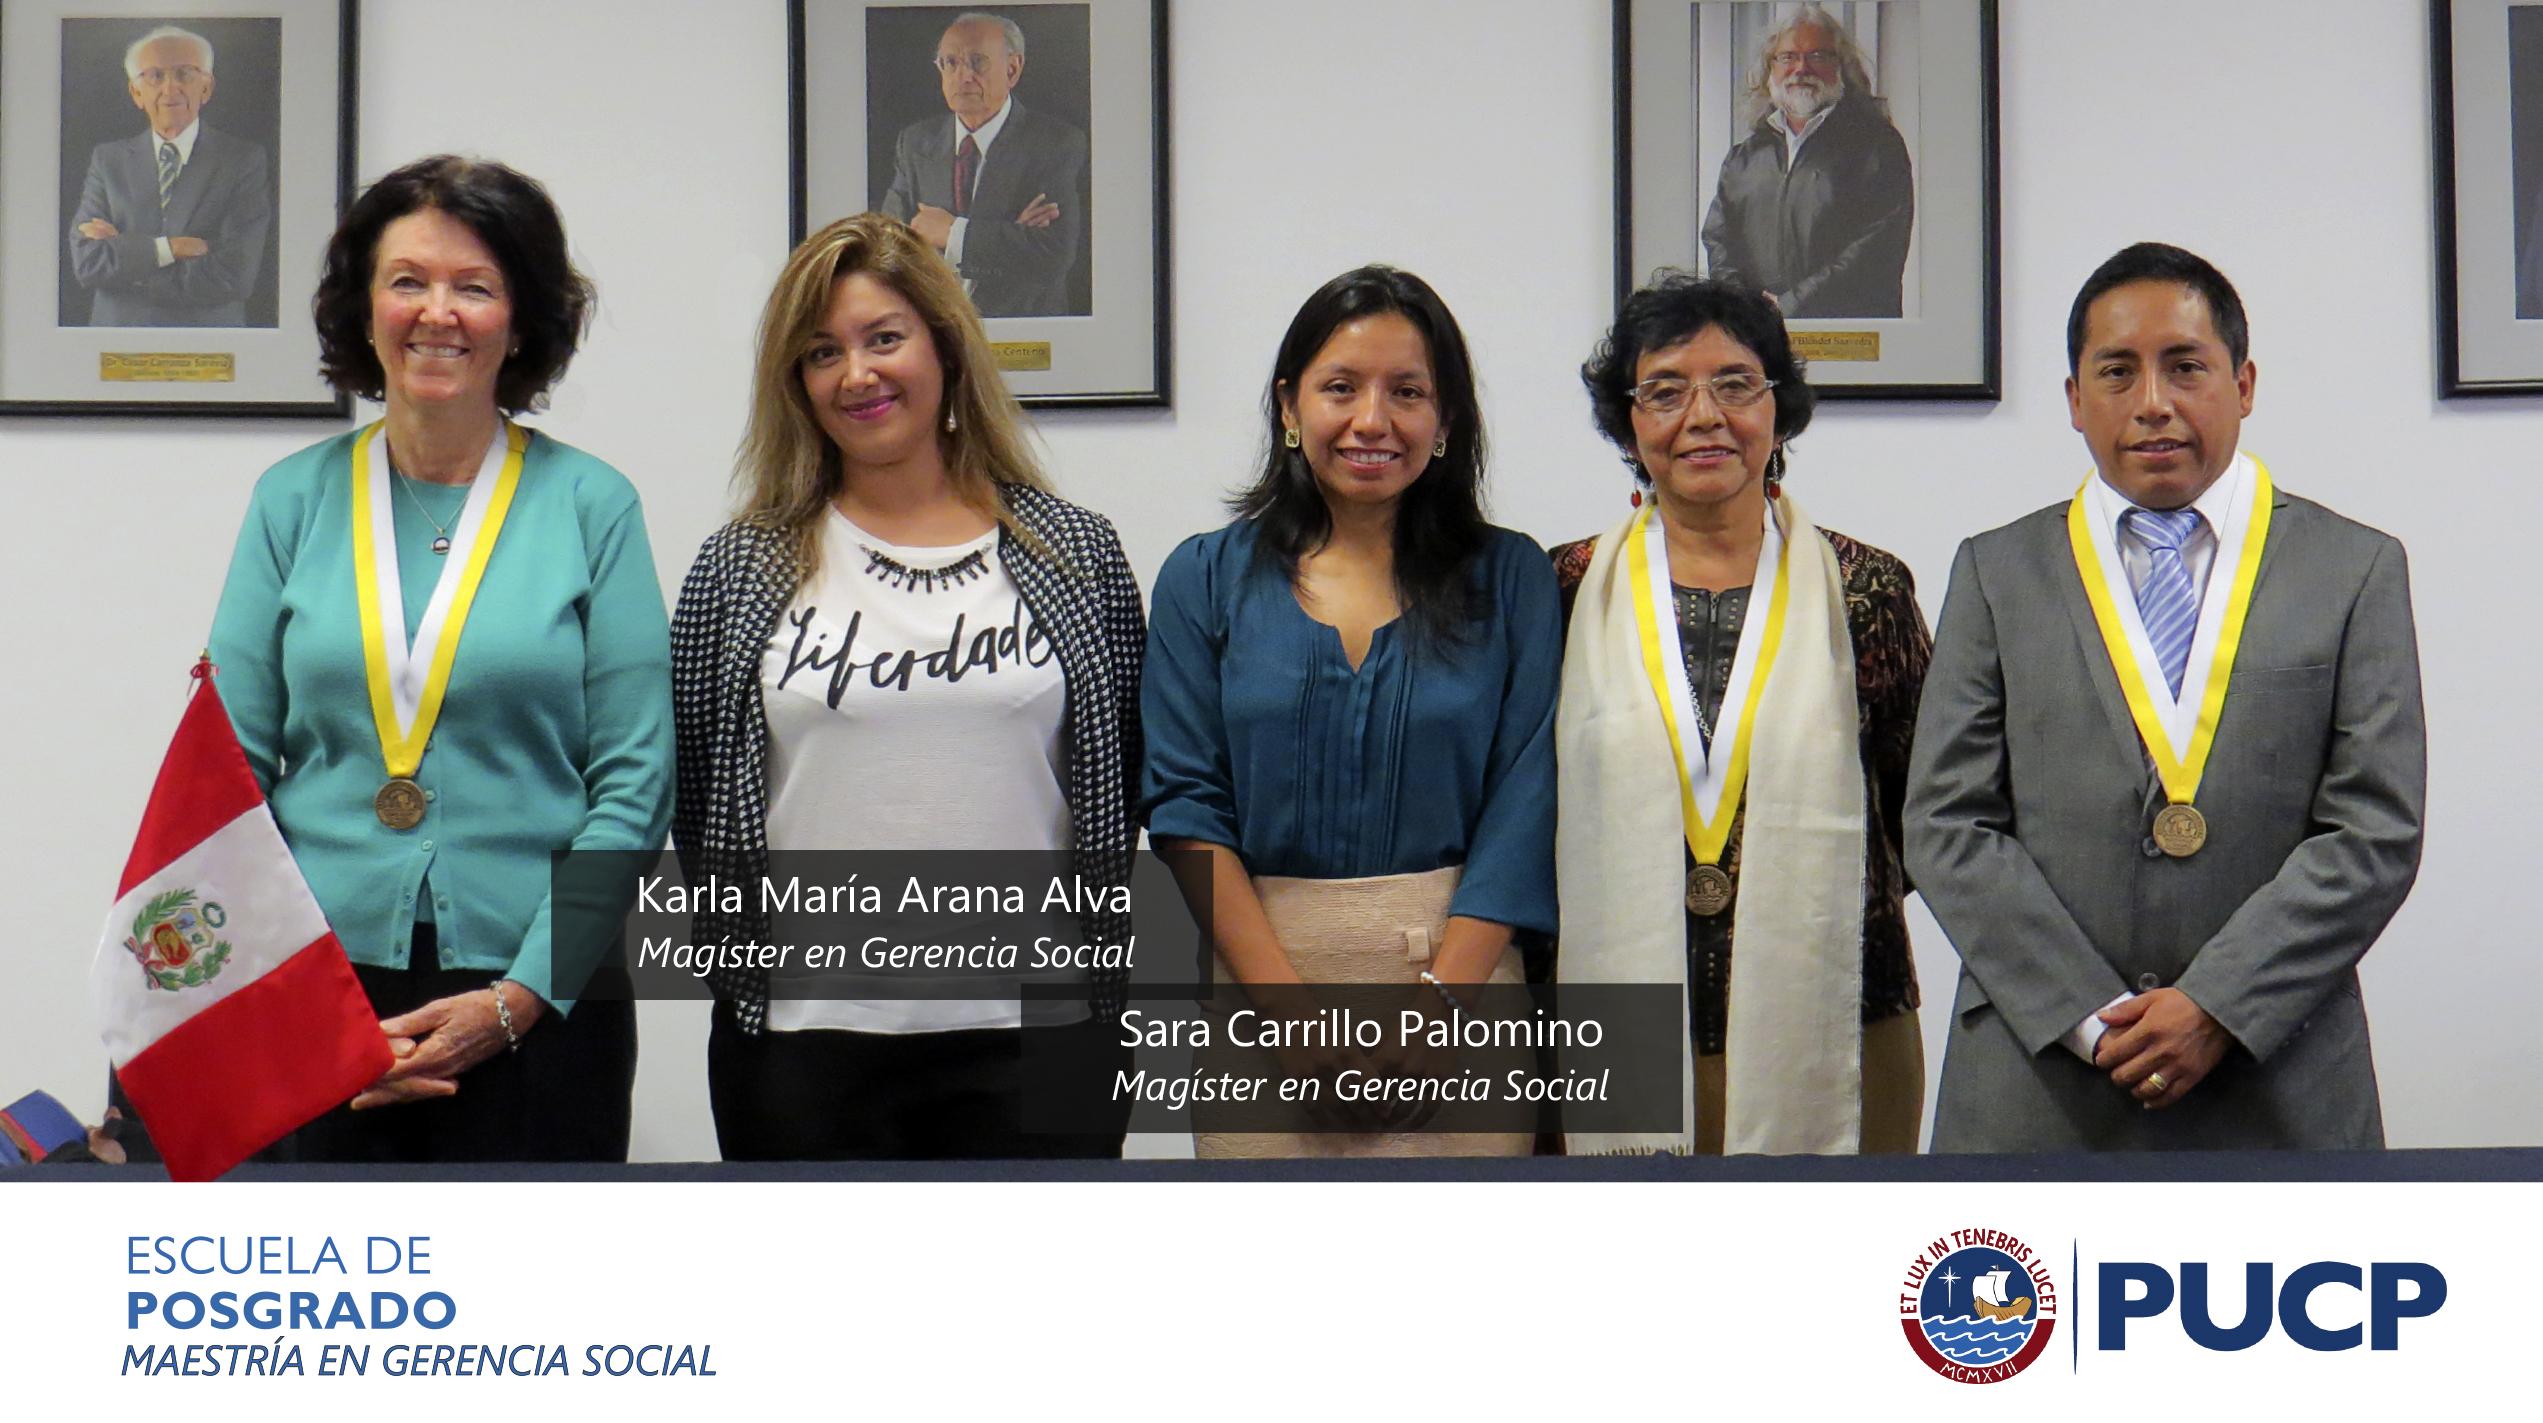 Sustentación Karla María Arana Alva y Sara Carrillo Palomino